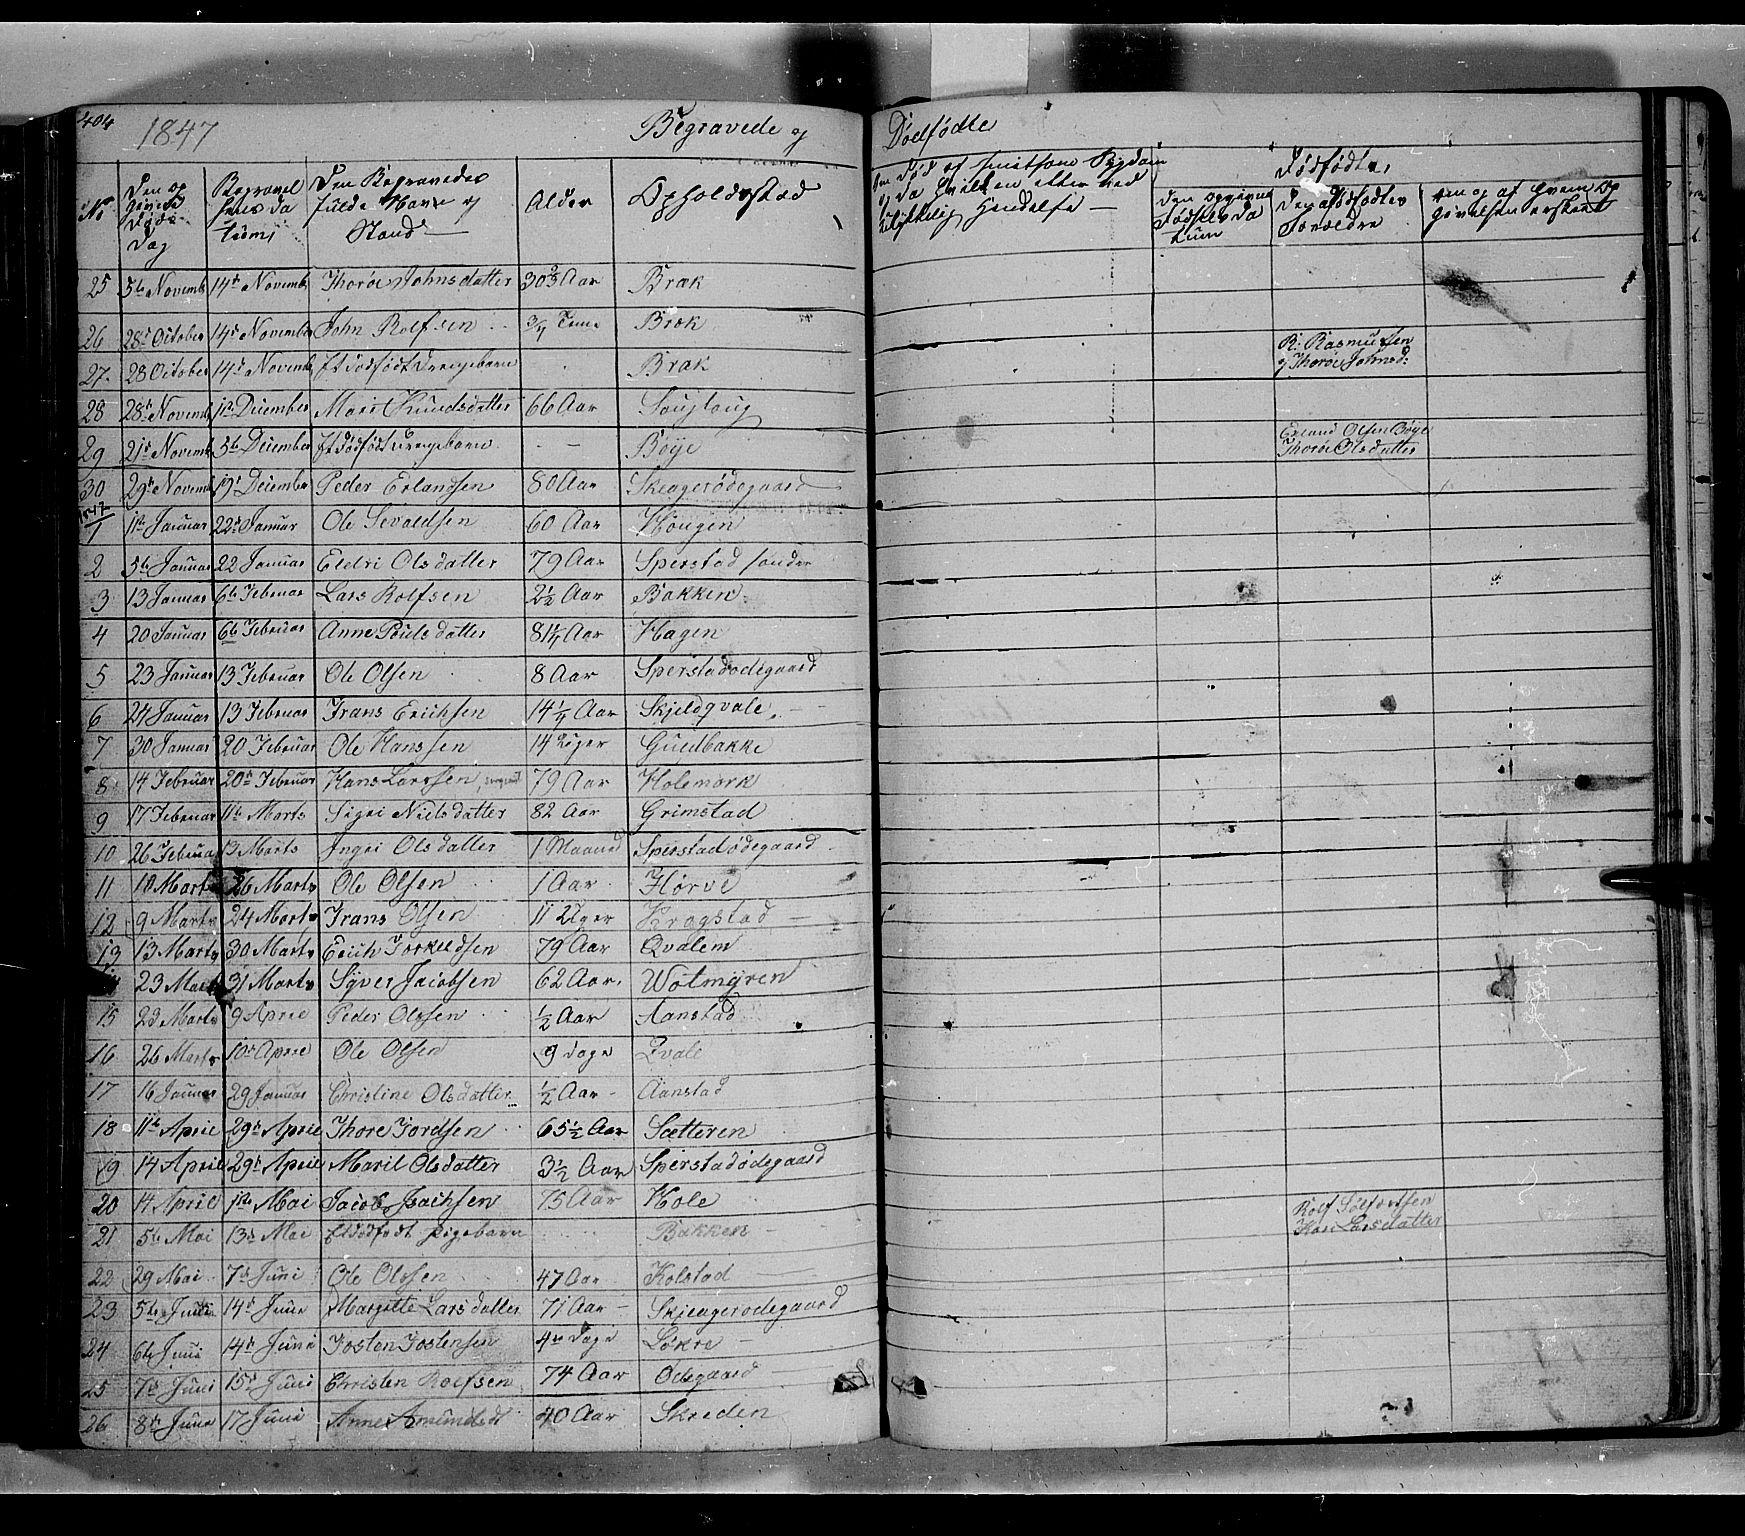 SAH, Lom prestekontor, L/L0004: Klokkerbok nr. 4, 1845-1864, s. 404-405